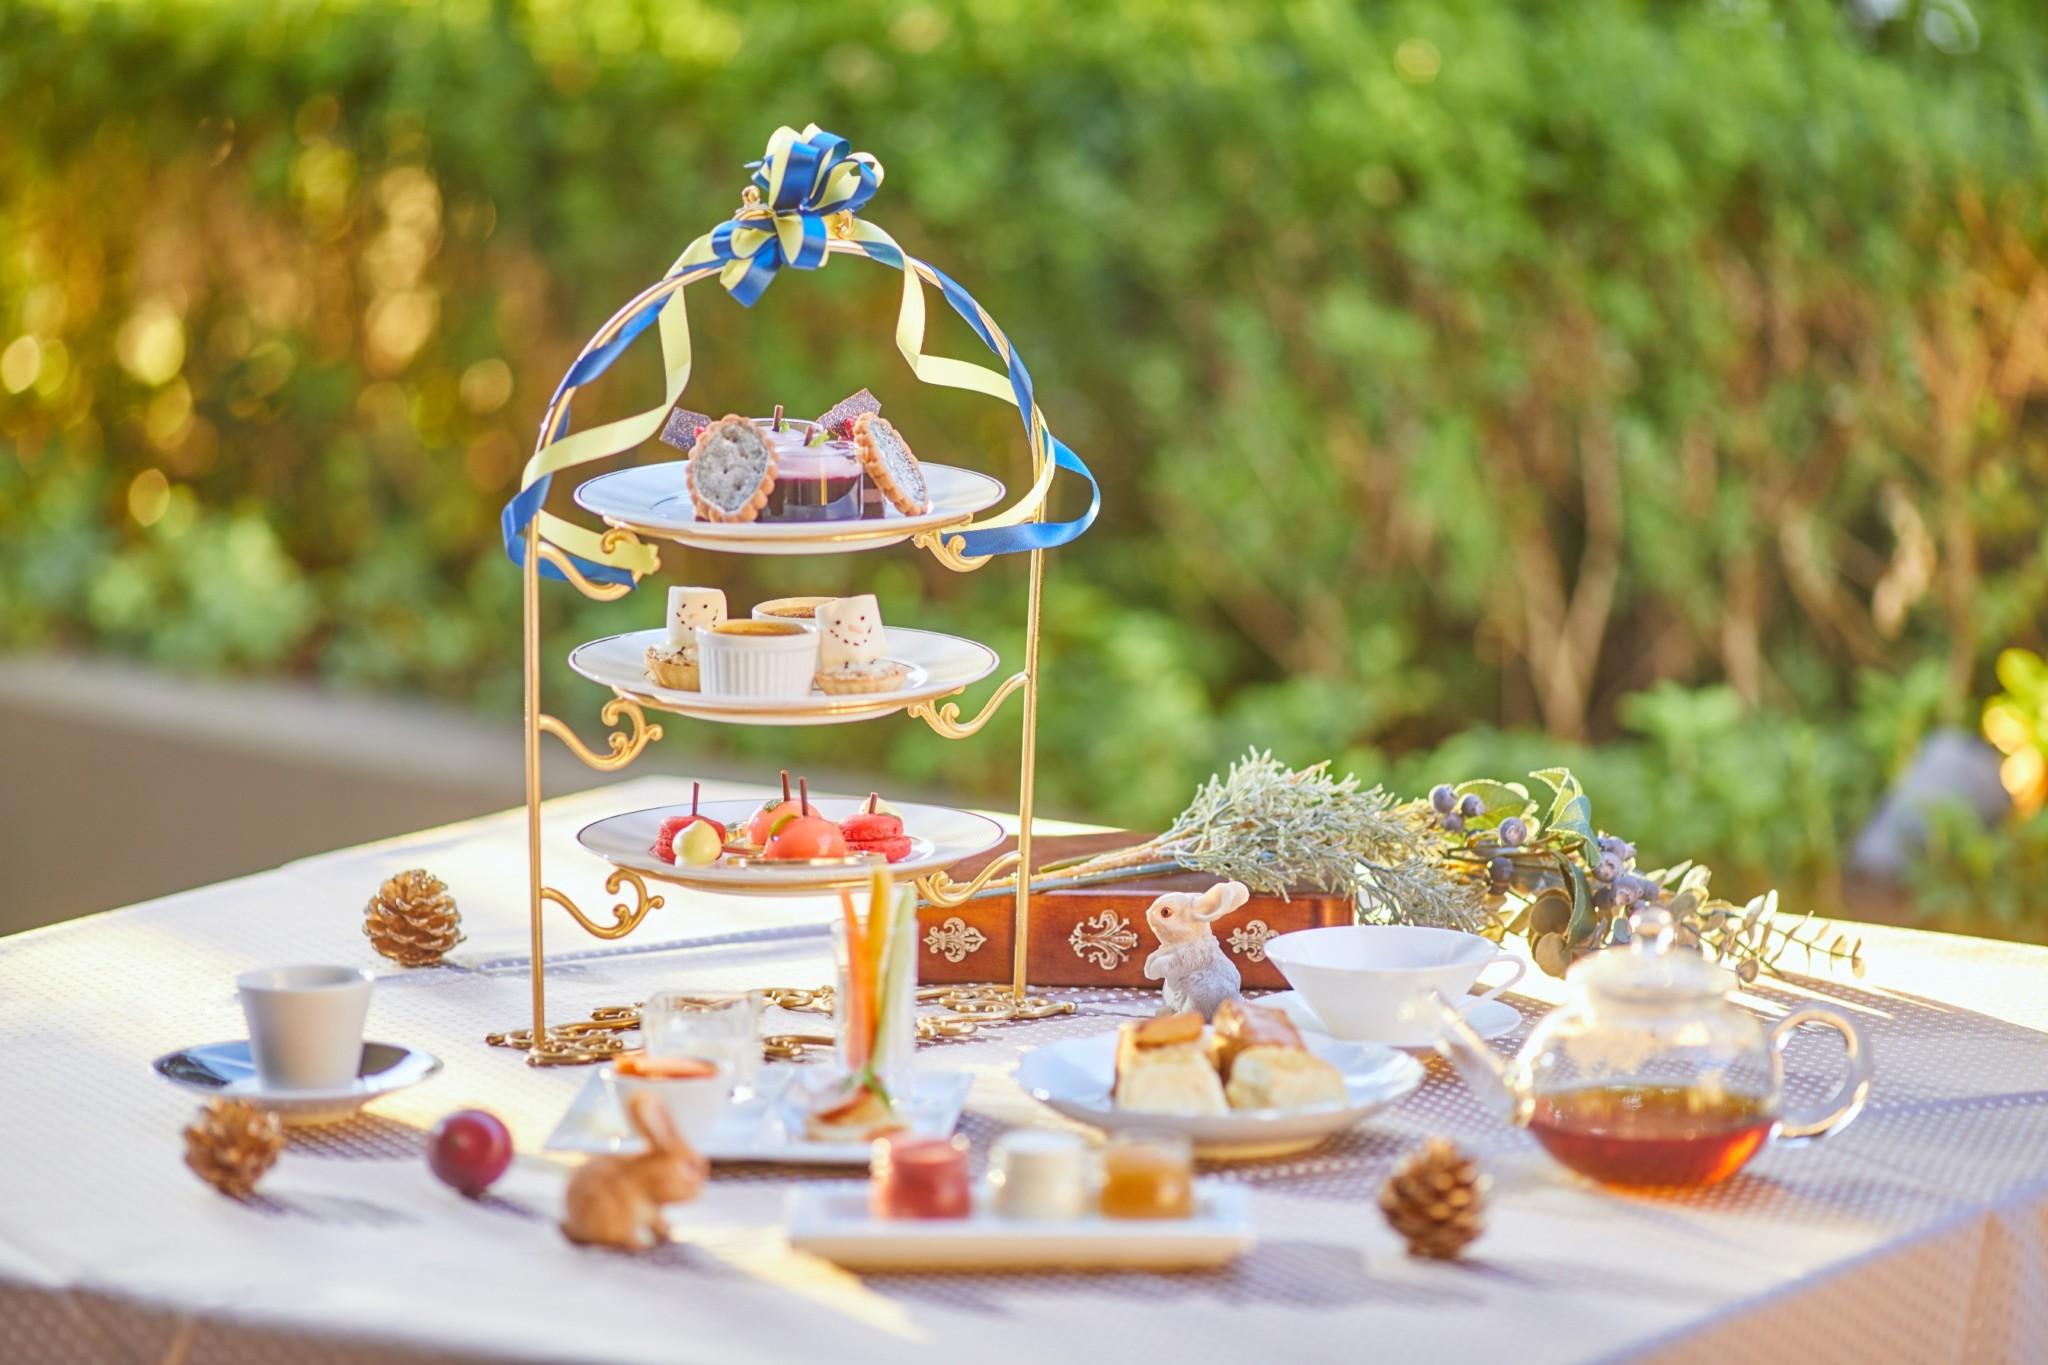 白雪姫の世界に招かれて…♡「白雪姫のクリスマスデザートフェア」開催